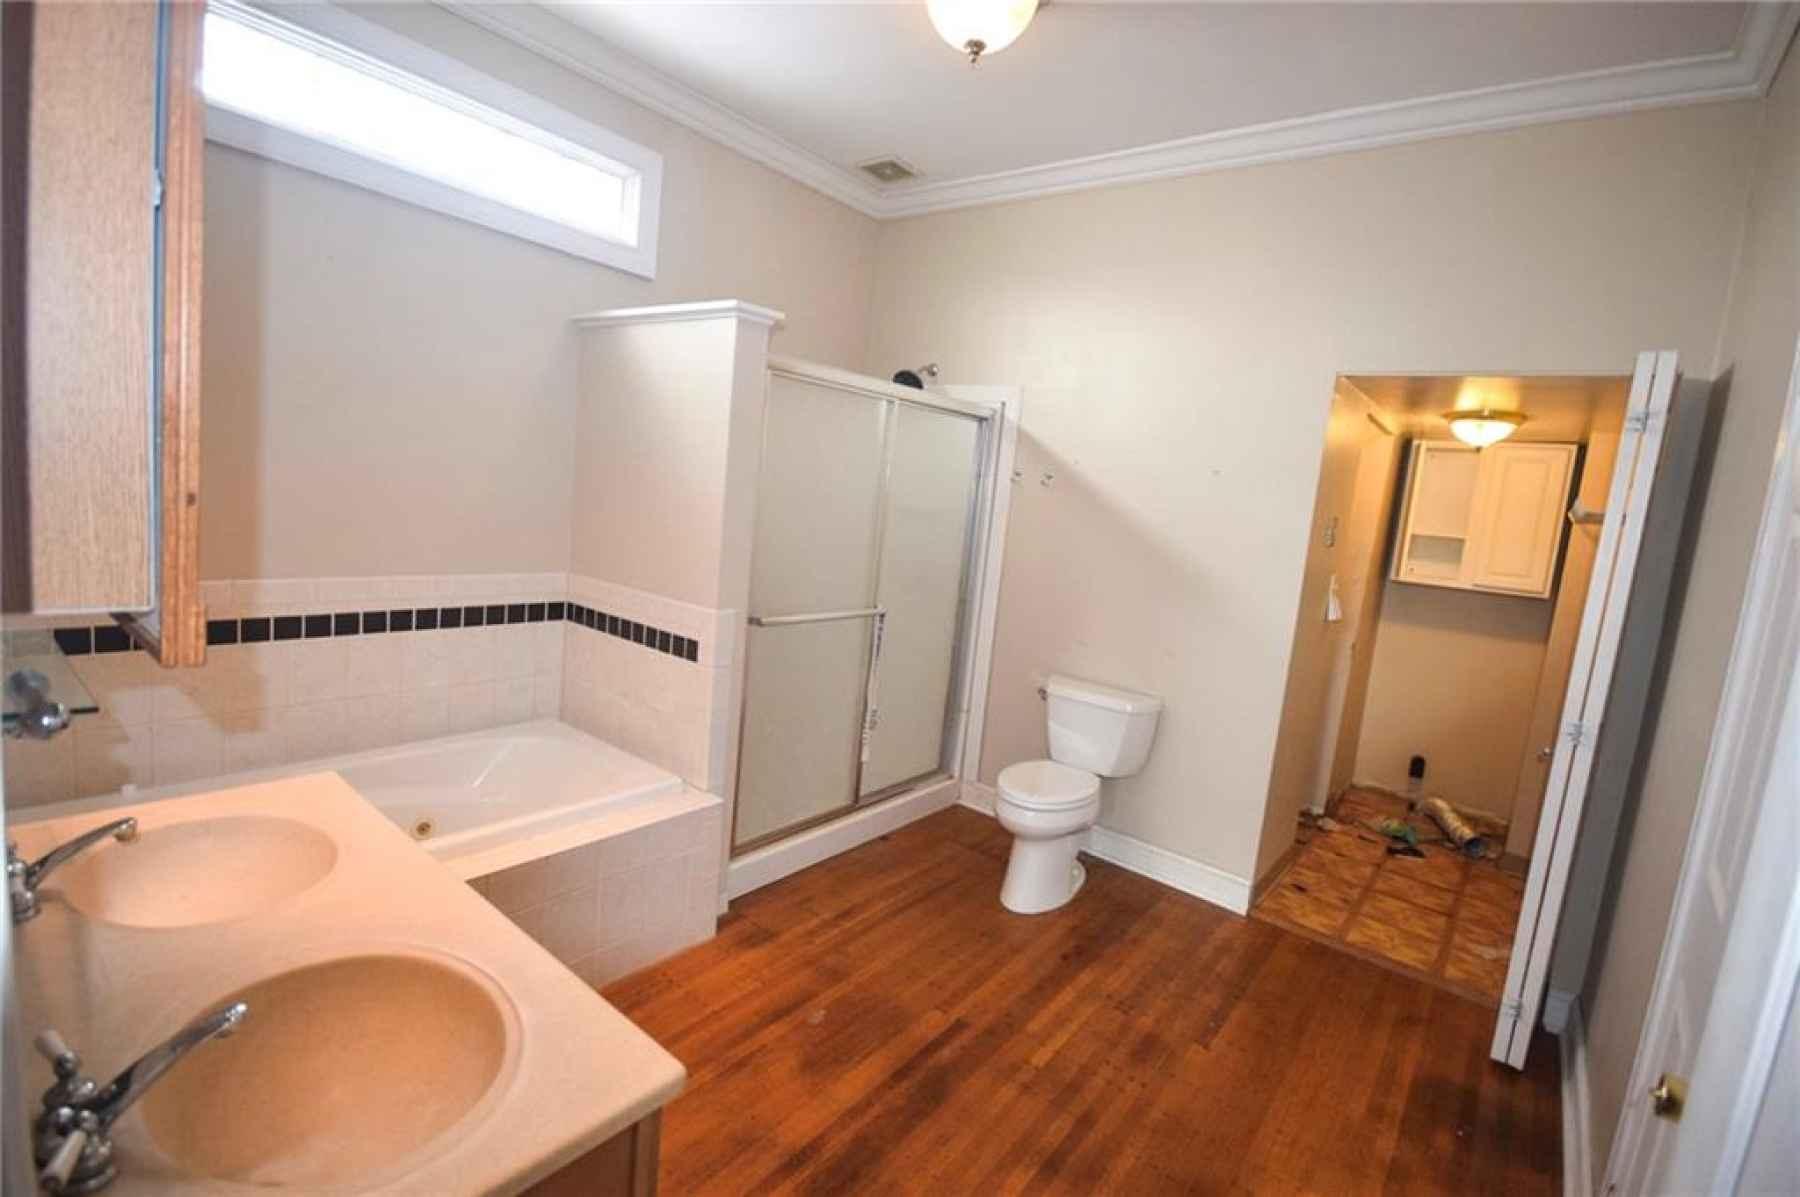 Second floor. Master bedroom closet.